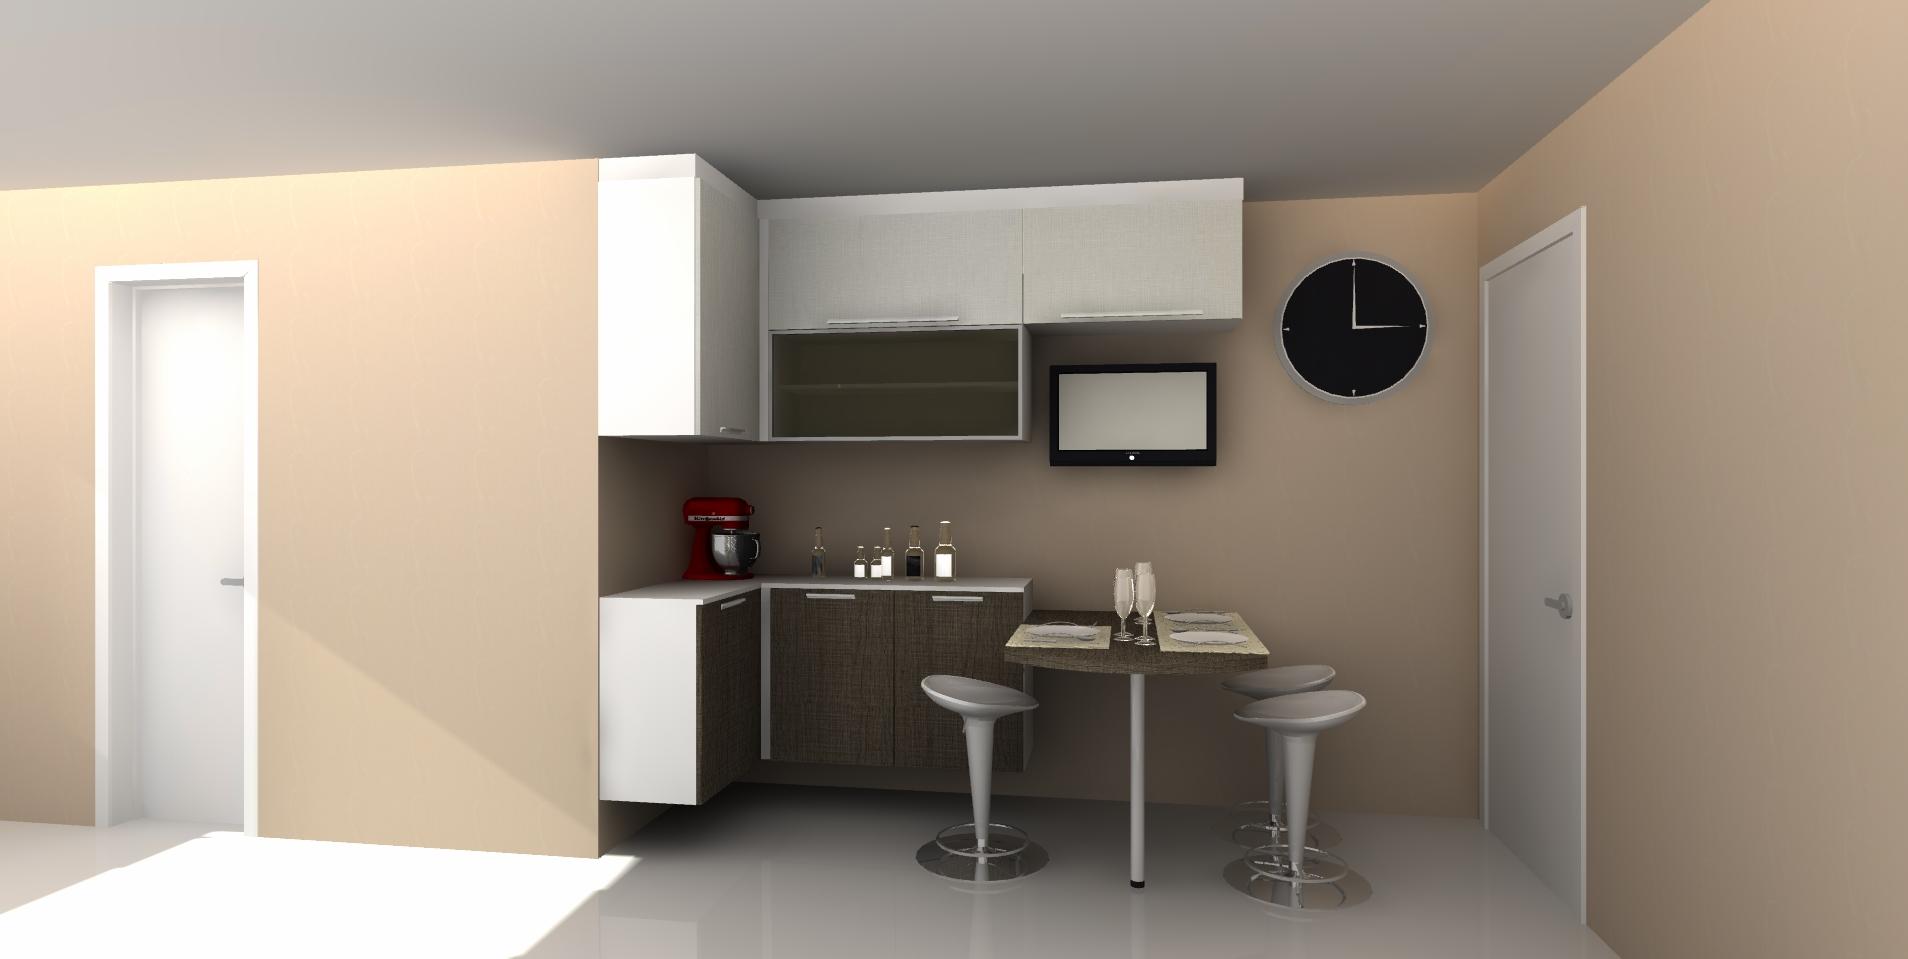 Tudo sobre armários e cozinhas planejadas e decoração de sua casa #876844 1908 959